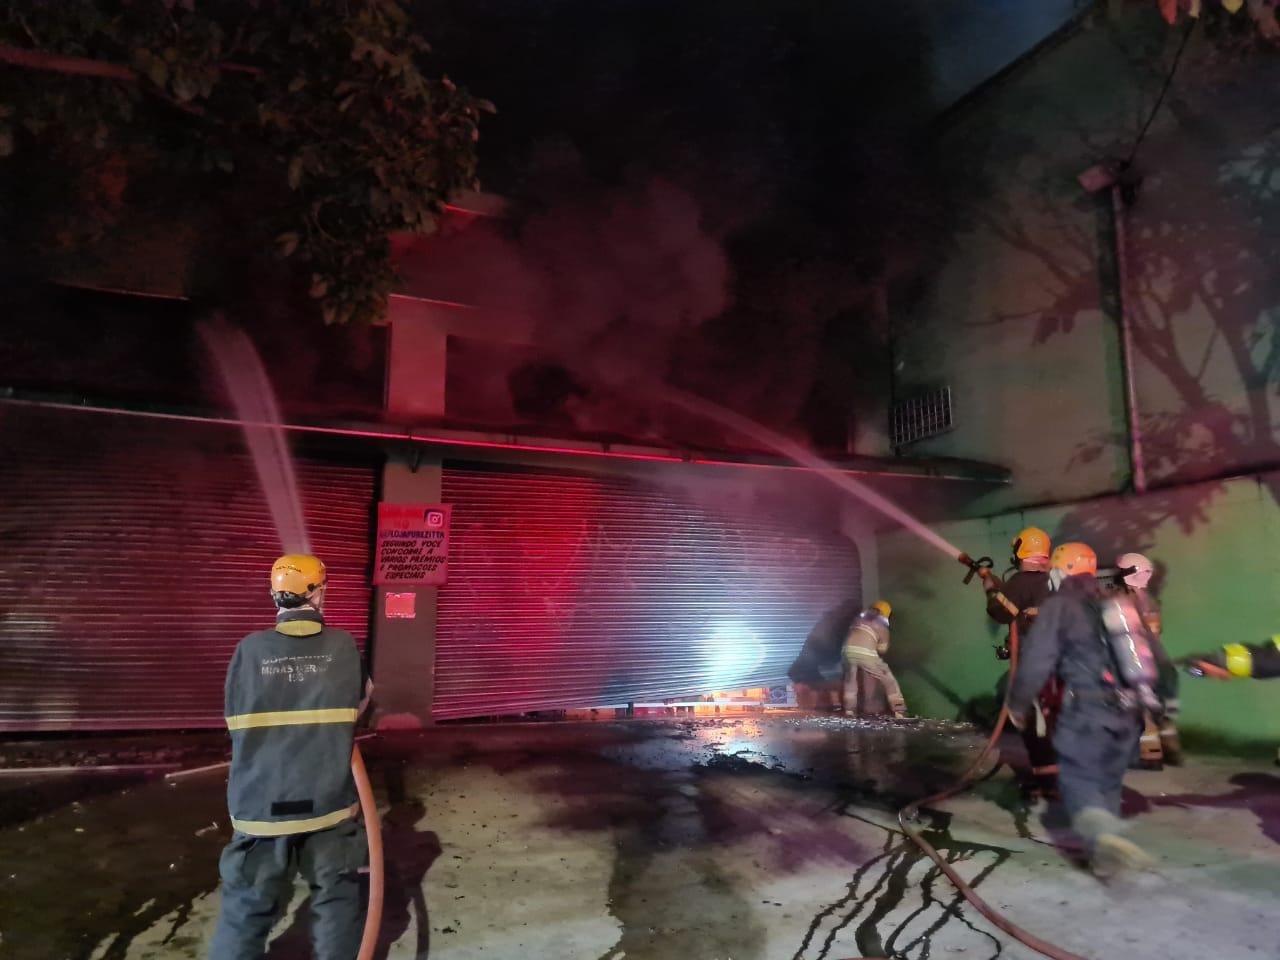 Incêndio destrói loja de utilidades e brinquedos no bairro Tupi, na Região Norte de Belo Horizonte - Foto: Divulgação/Corpo de Bombeiros